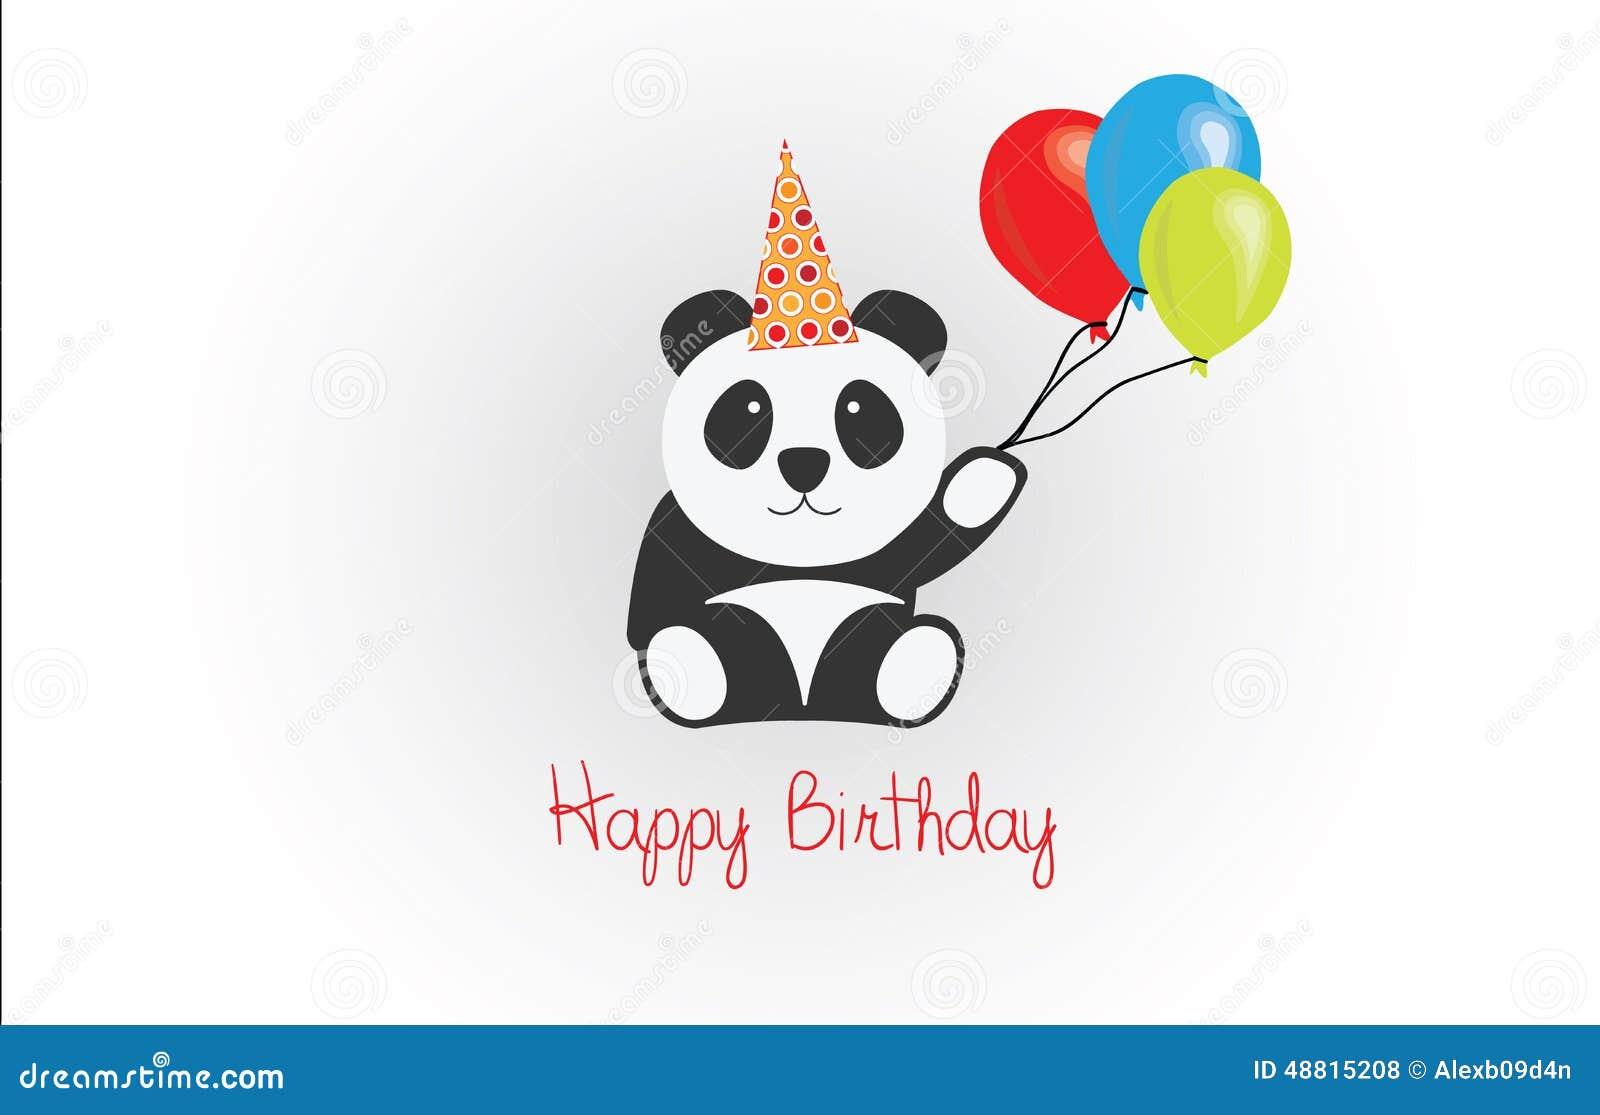 Feliz Cumpleaños Panda Vector Ilustraciones Stock